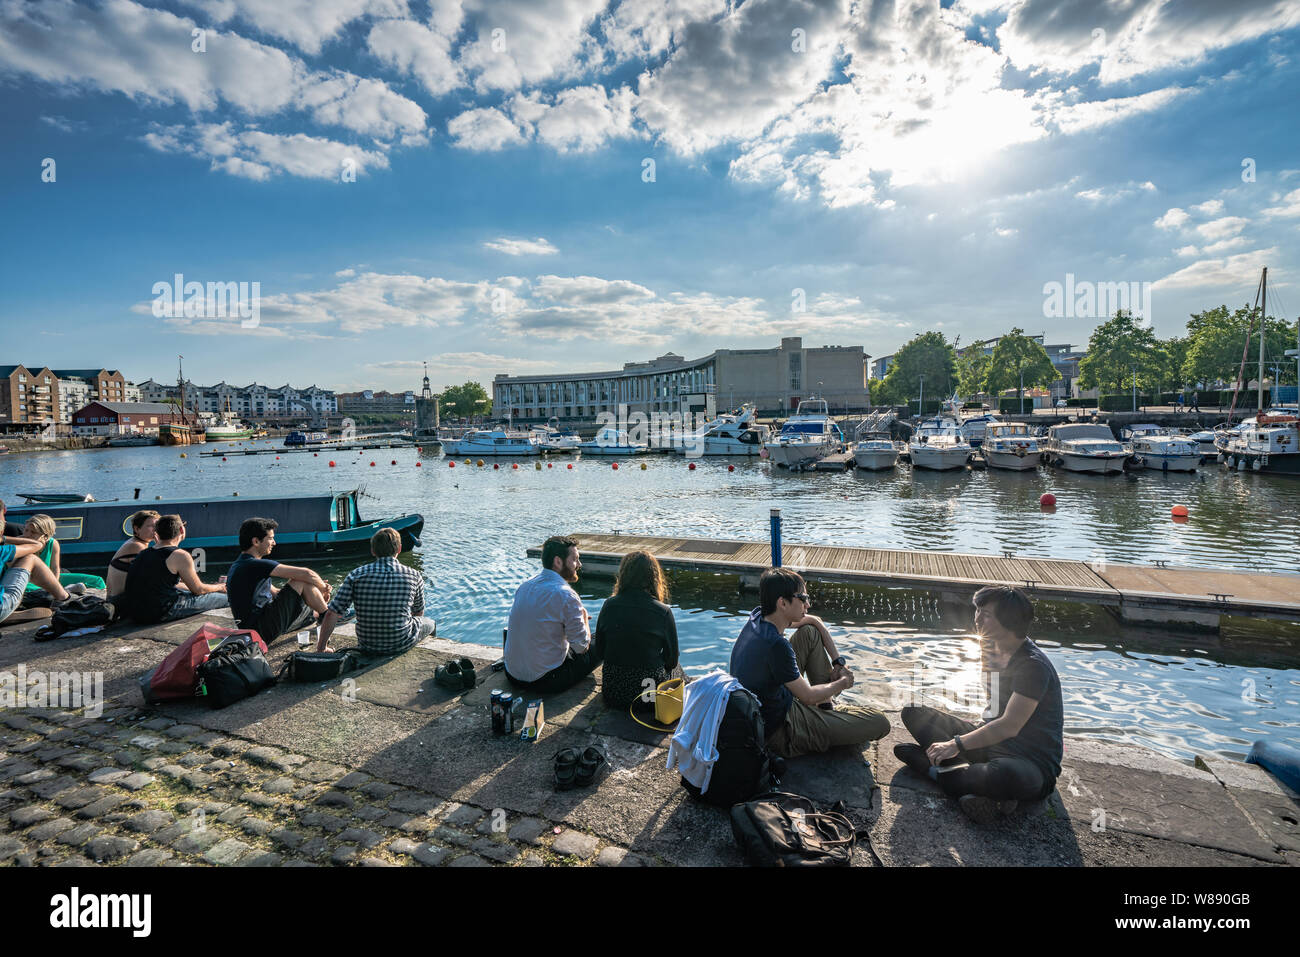 Les gens assis au bord de la rivière de la zone portuaire de Bristol Banque D'Images